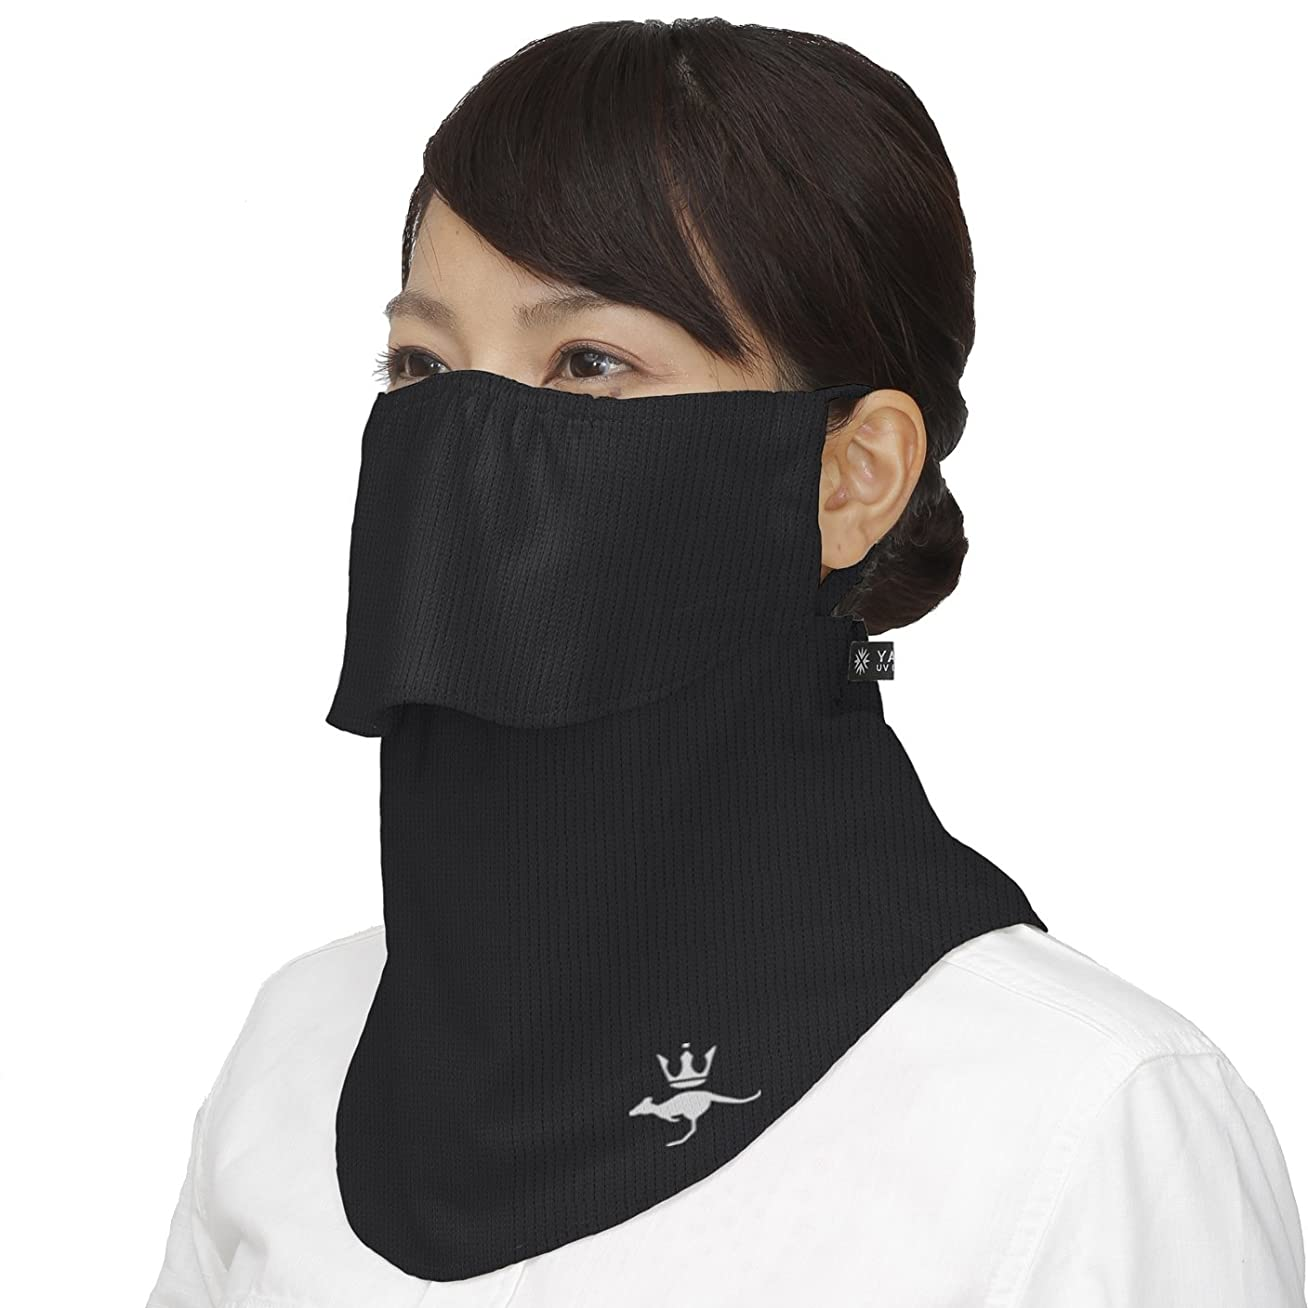 異なる請求可能批評(シンプソン)Simpson 息苦しくない 紫外線防止 レディース 日焼け防止 UVカット フェイスマスク フェイスカバー STA-M02